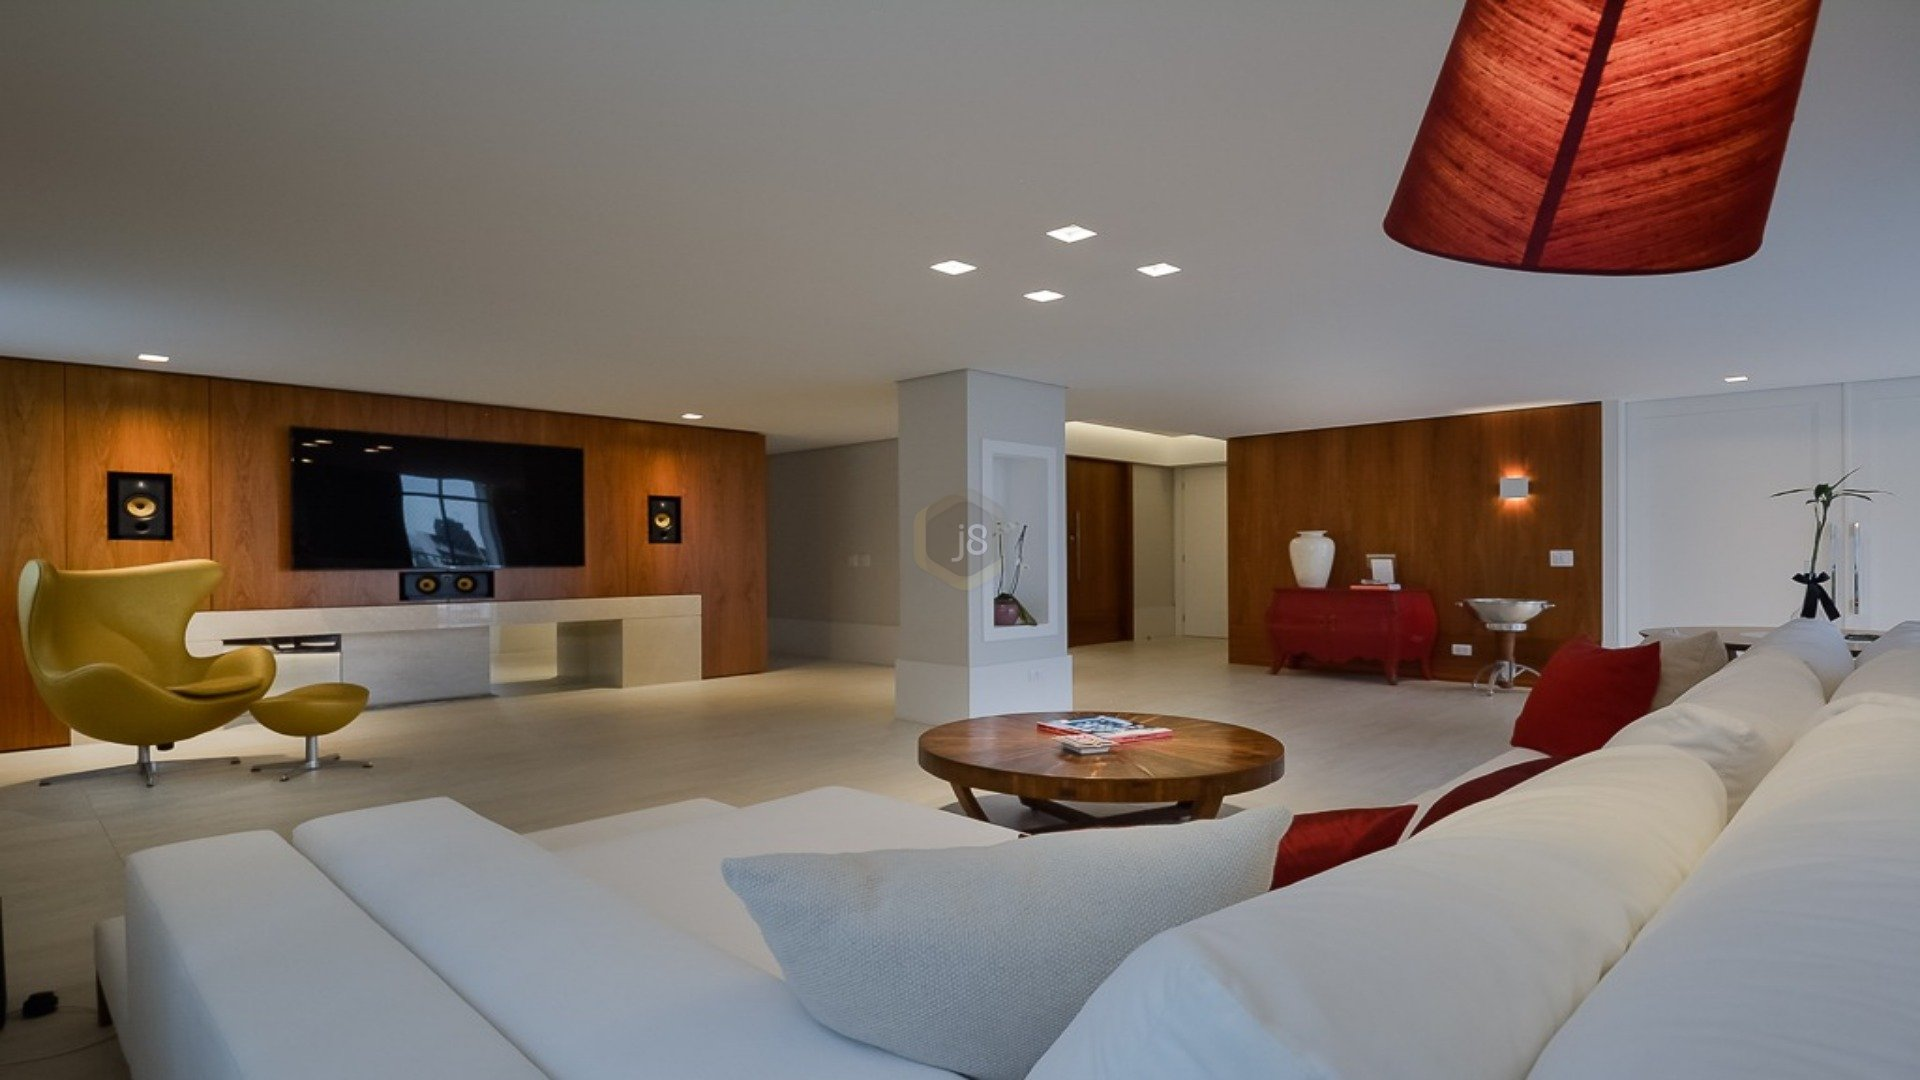 Foto de destaque Apartamento impecável e todo reformado no batel